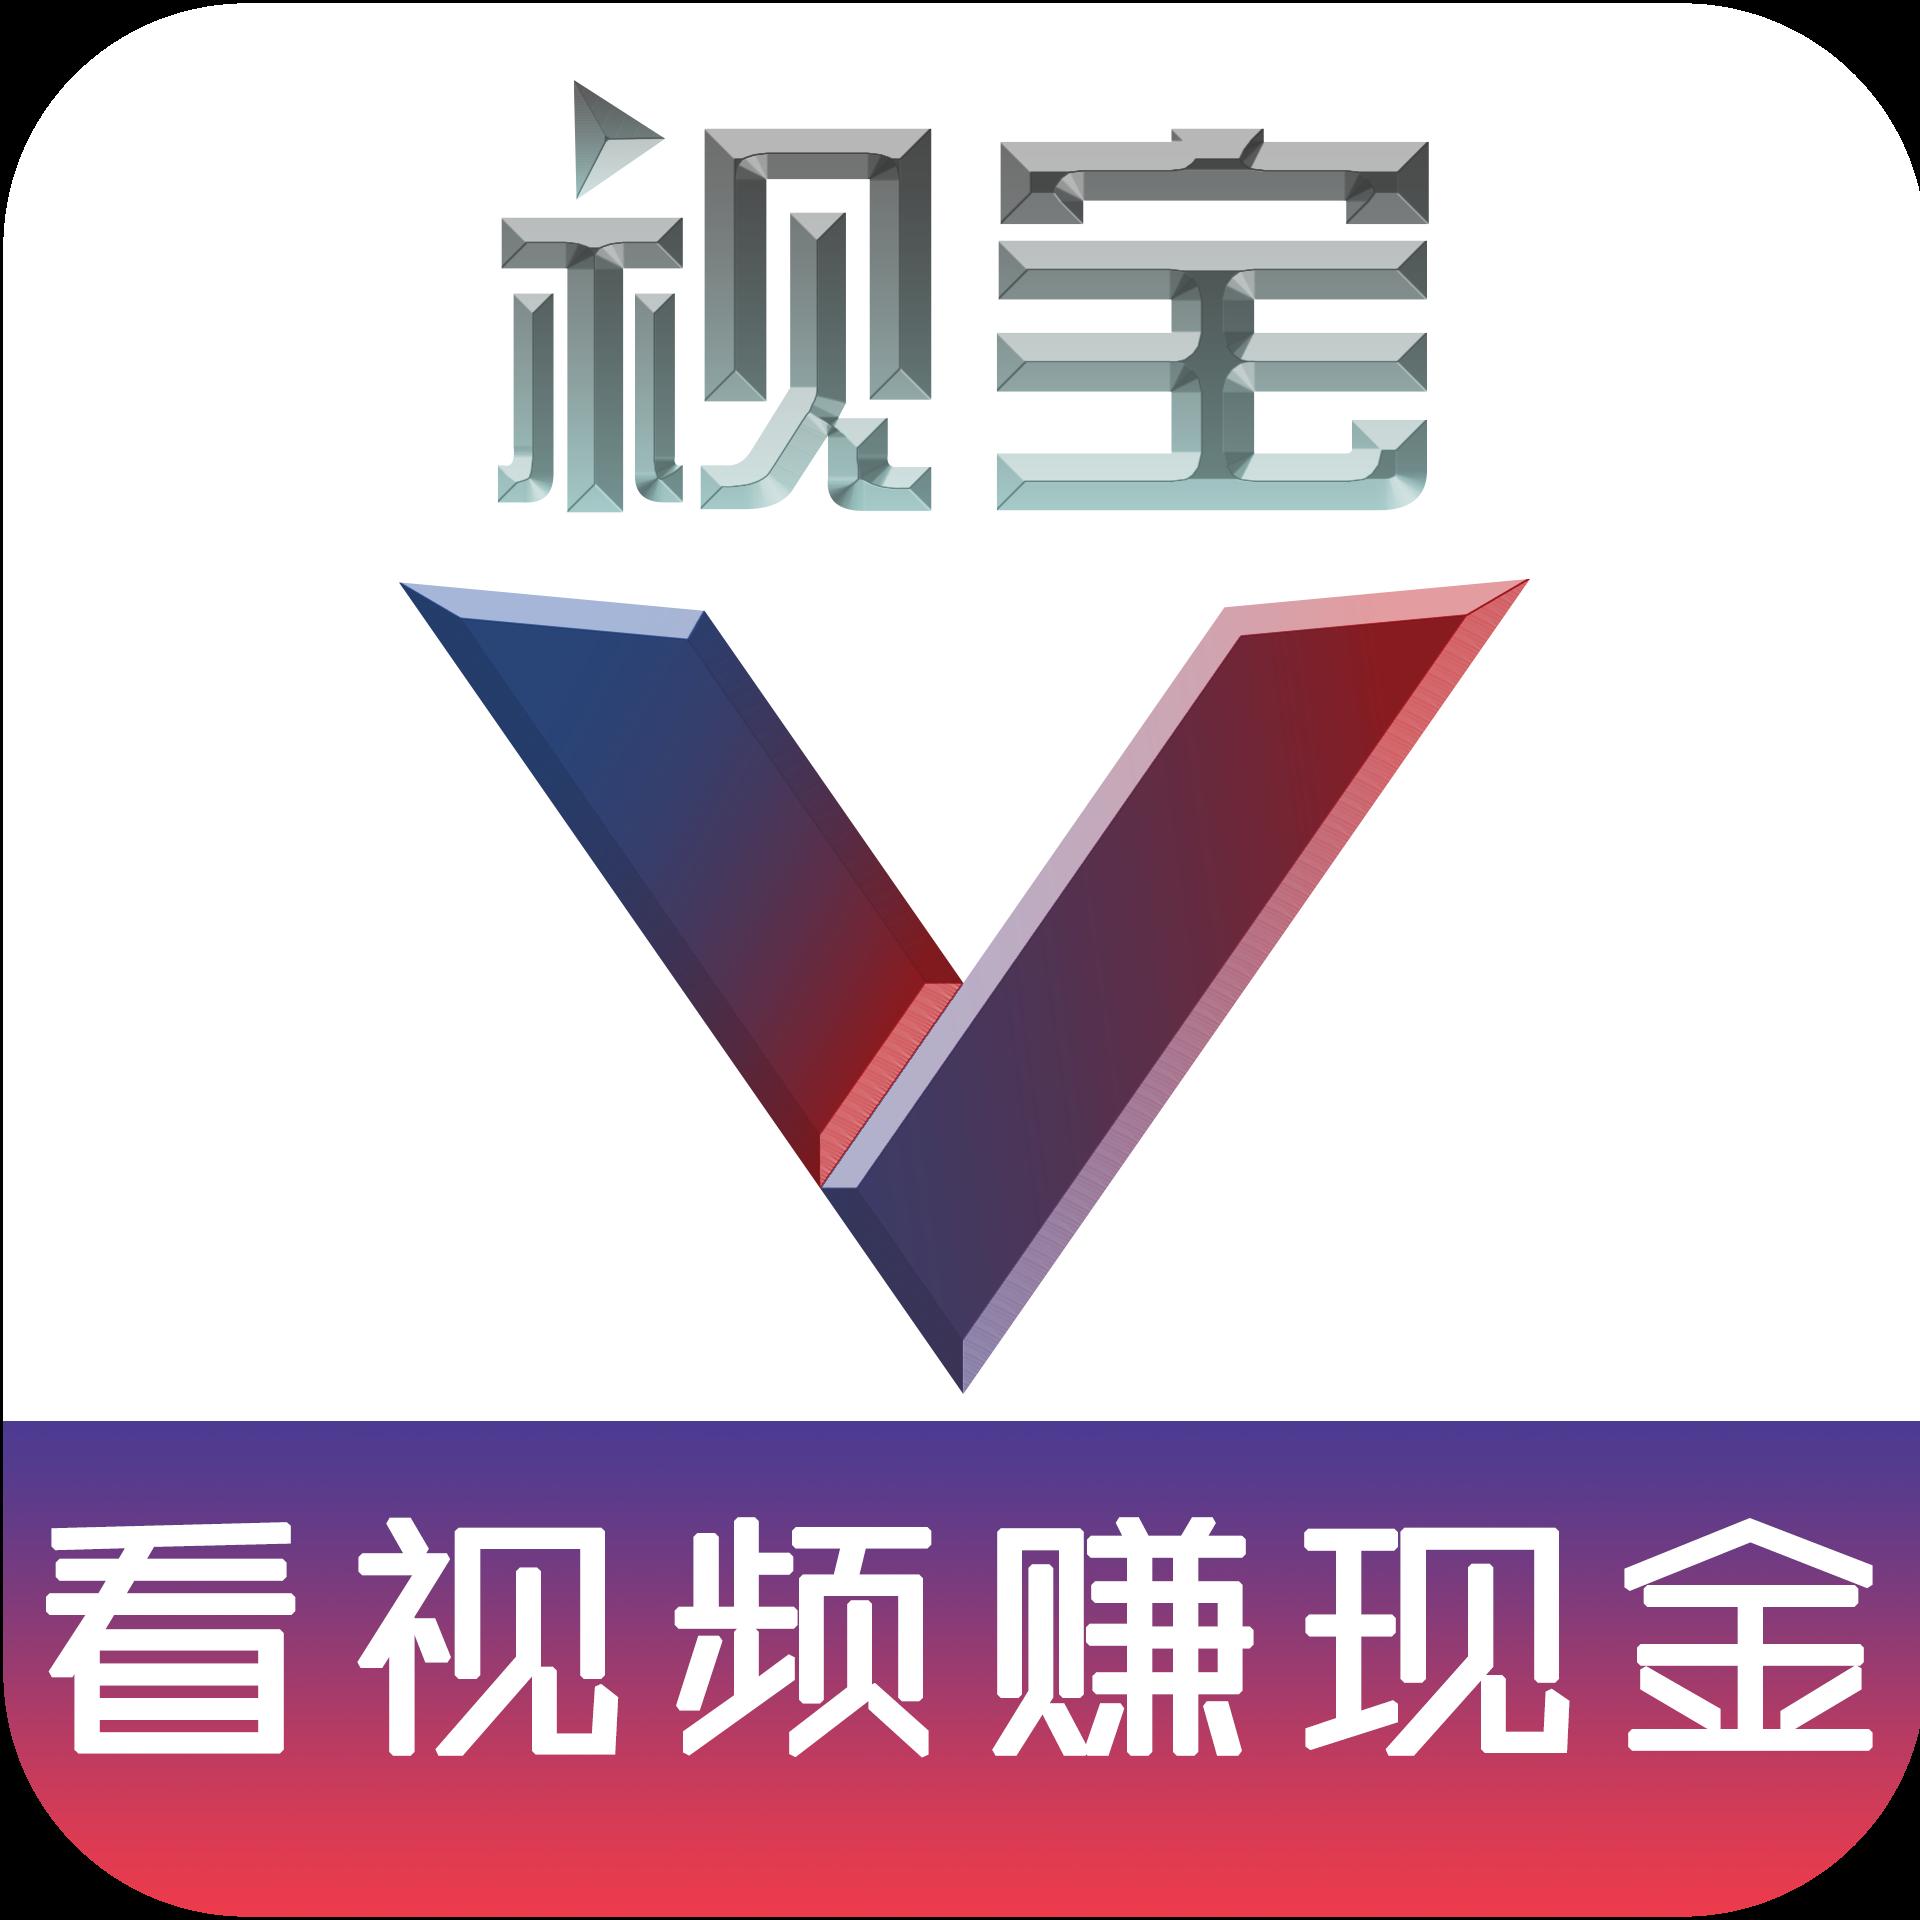 V视宝appv1.5 官方版